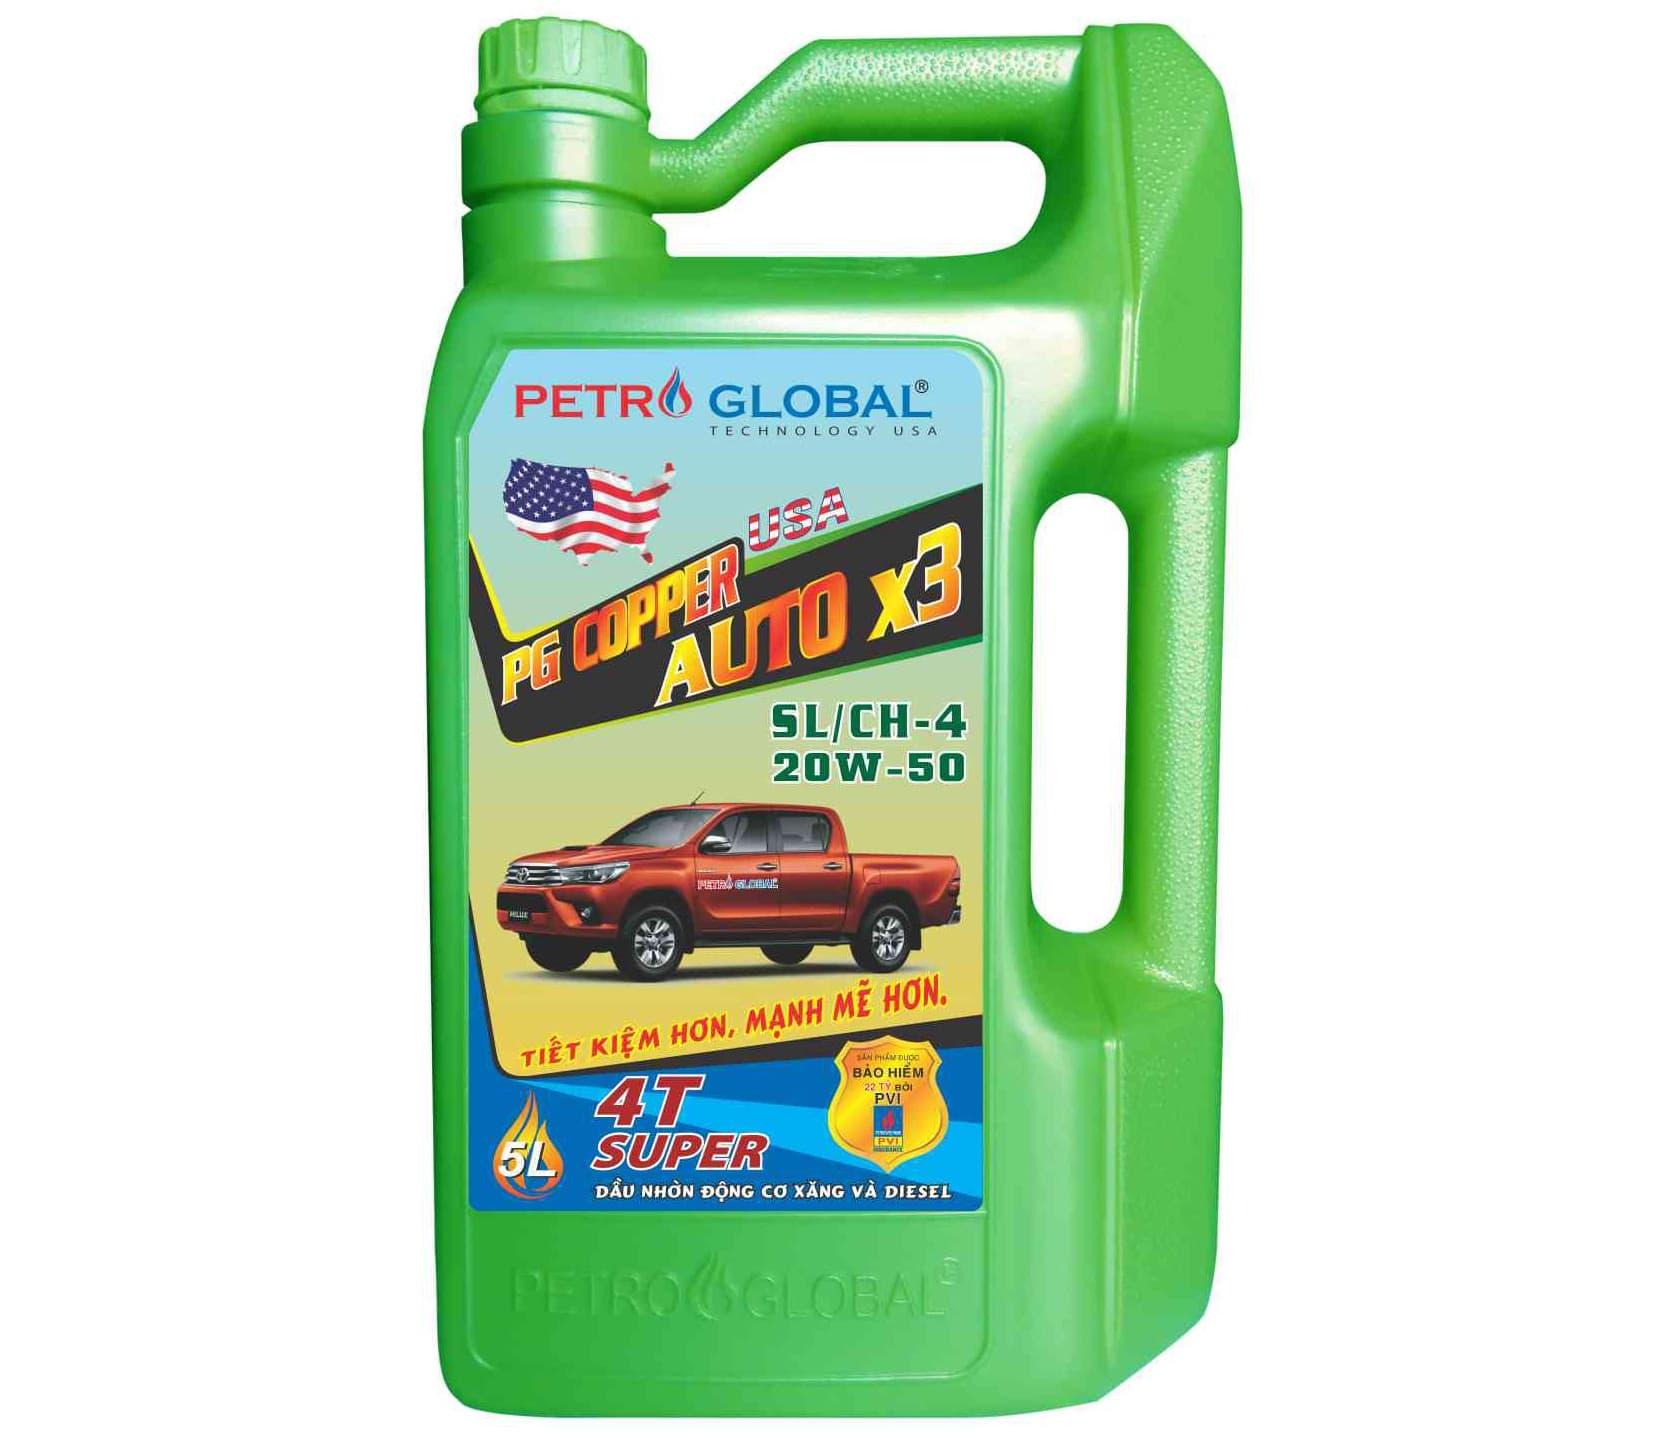 PG Copper Auto x3 API Sl/CH - 4, SAE 20W - 50 (chai 5L)